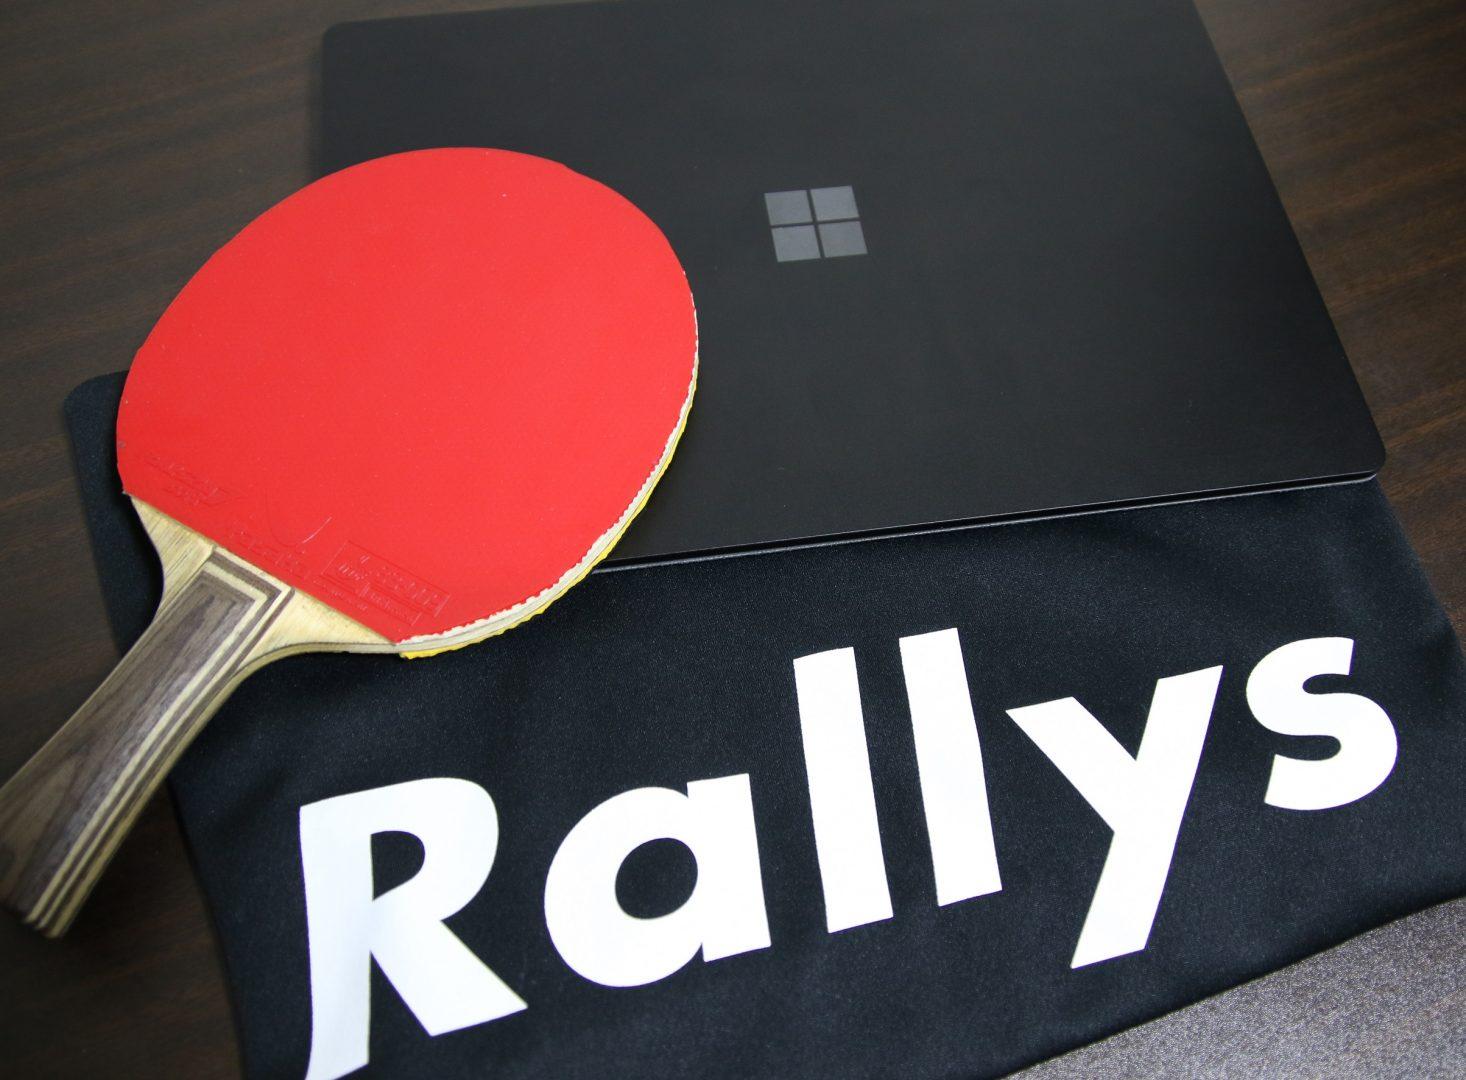 「趣味をキャリアの起点に」卓球メディアRallys、転職支援で登録者100名突破